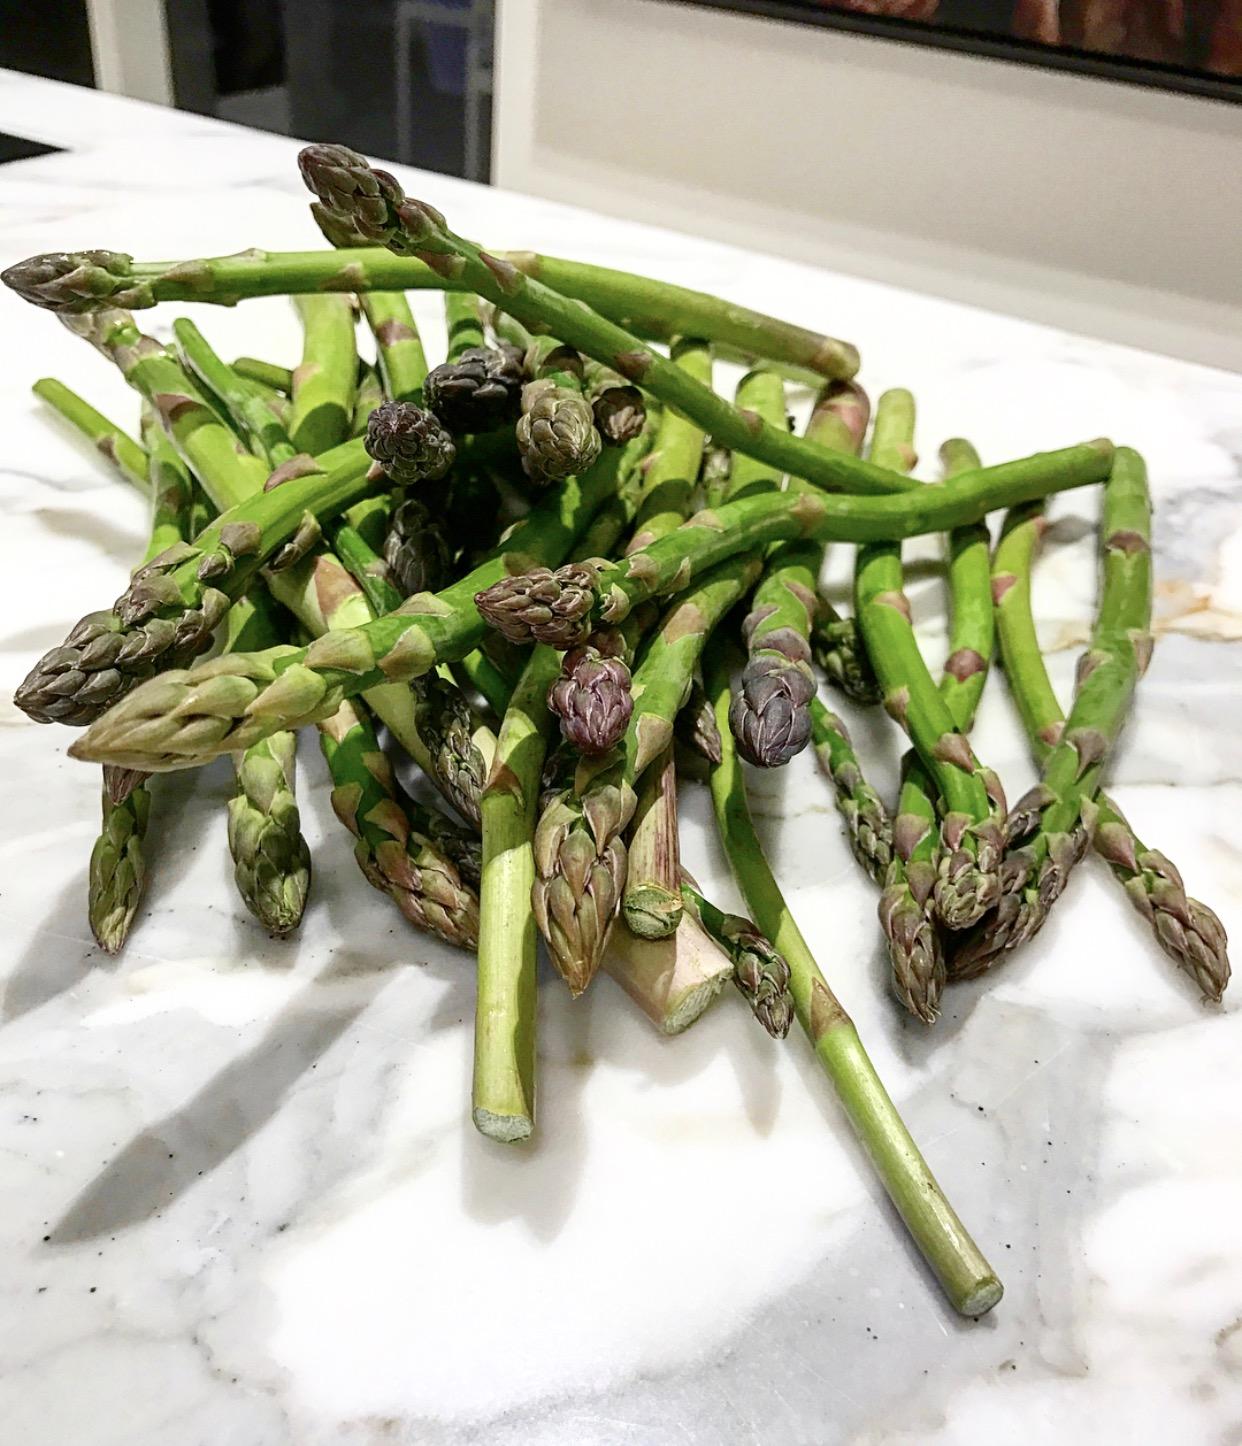 Asparagus in season